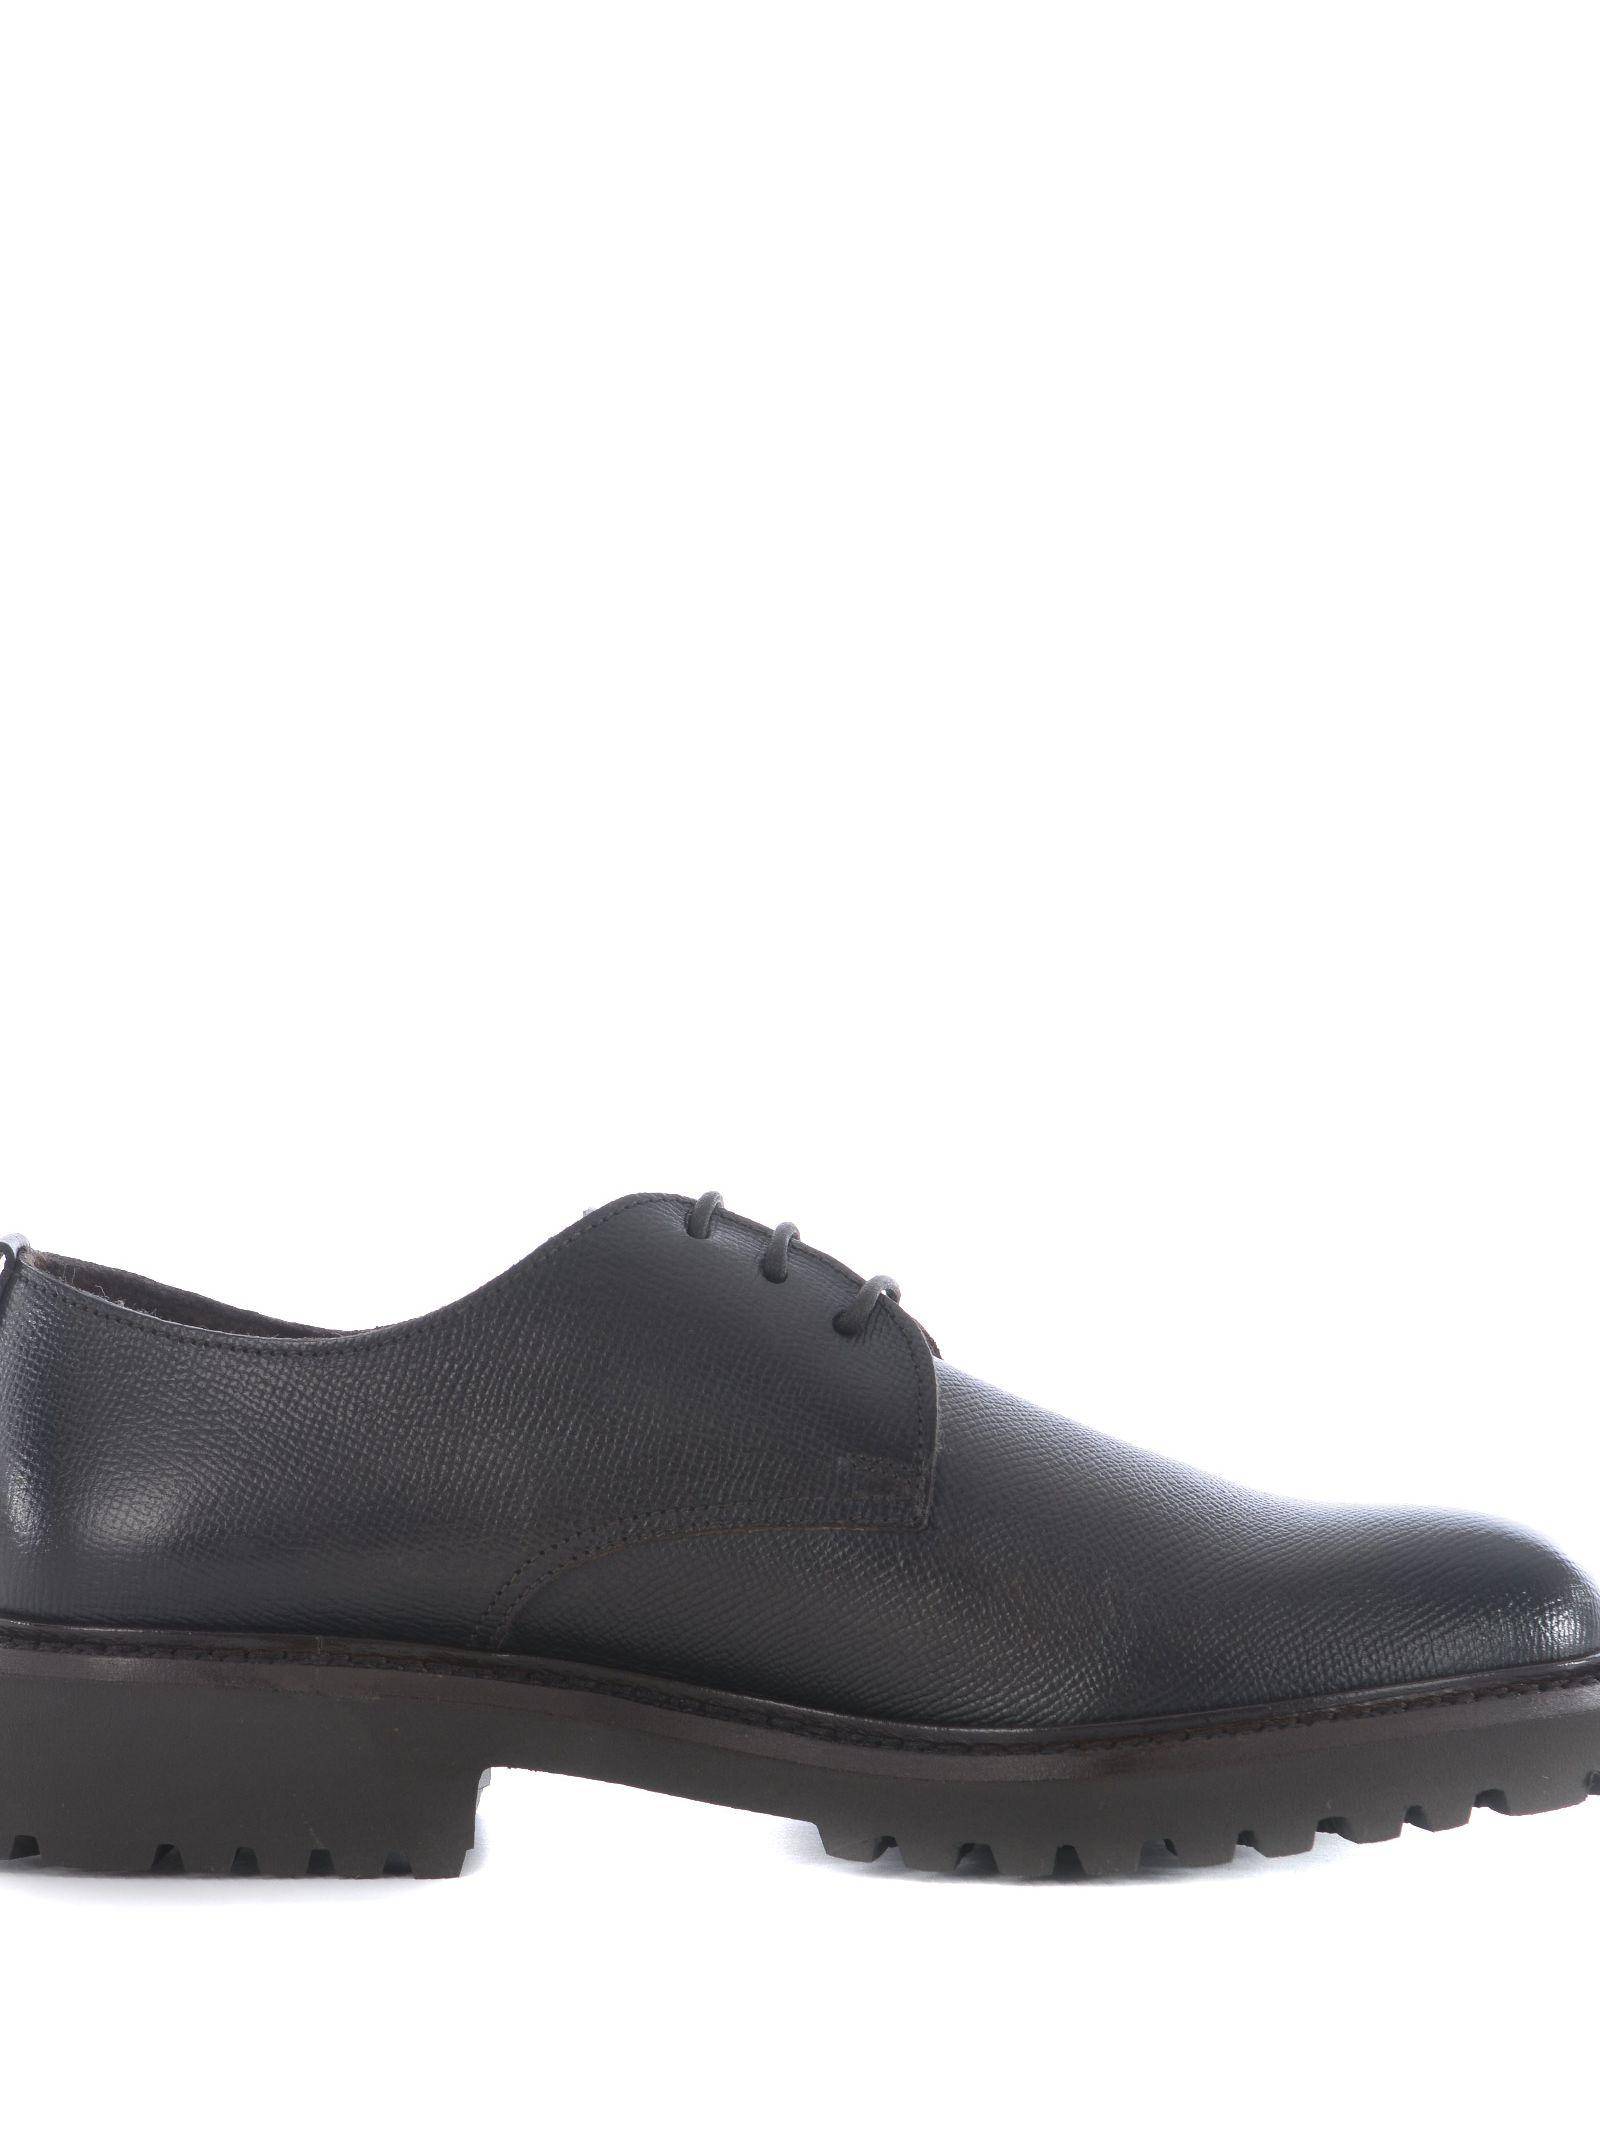 Doucals Effet De Goulot D'étranglement Chaussures Derby 0z0TQ1DpTq